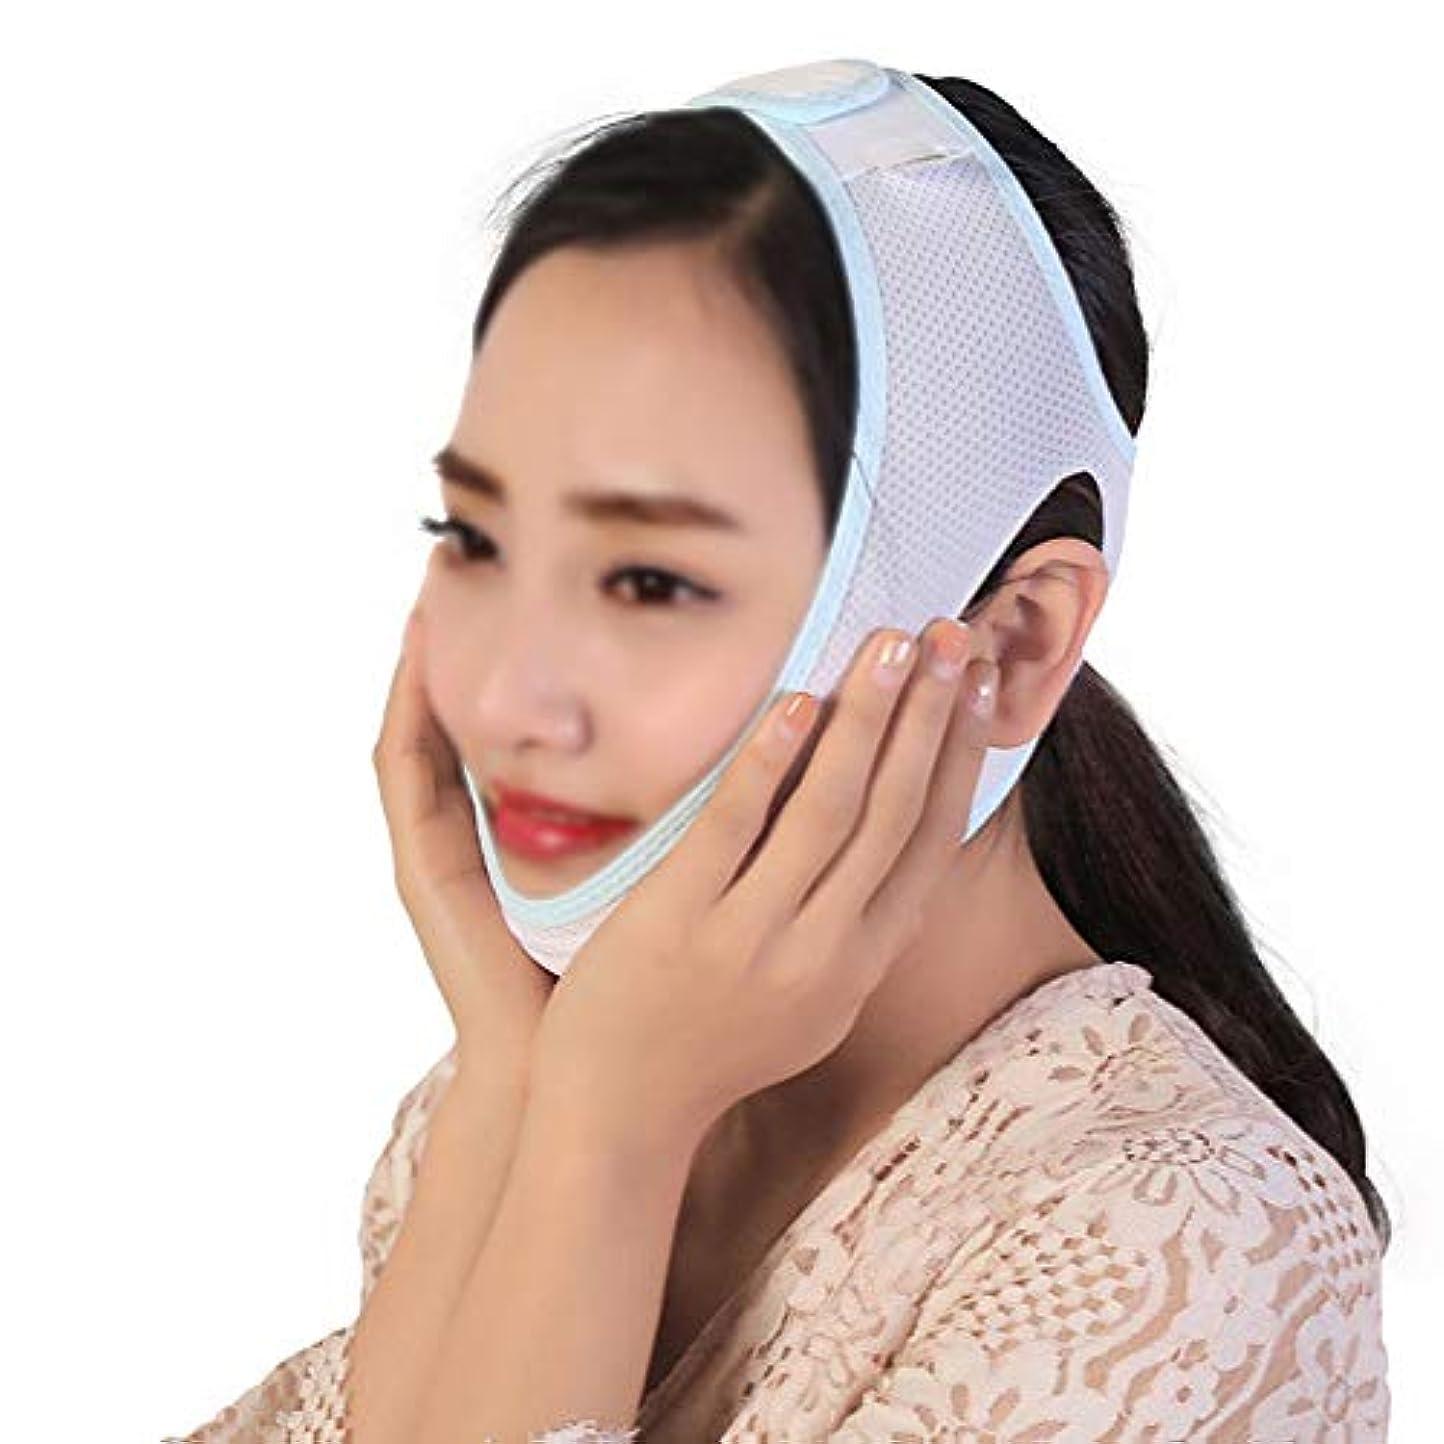 宝石センチメートル農村XHLMRMJ ファーミングフェイスマスク、小さなvフェイスアーティファクトリフティングフェイスプラスチックフェイスマスク快適さのアップグレードの最適化フェイスカーブ包括的な通気性の包帯 (Size : M)